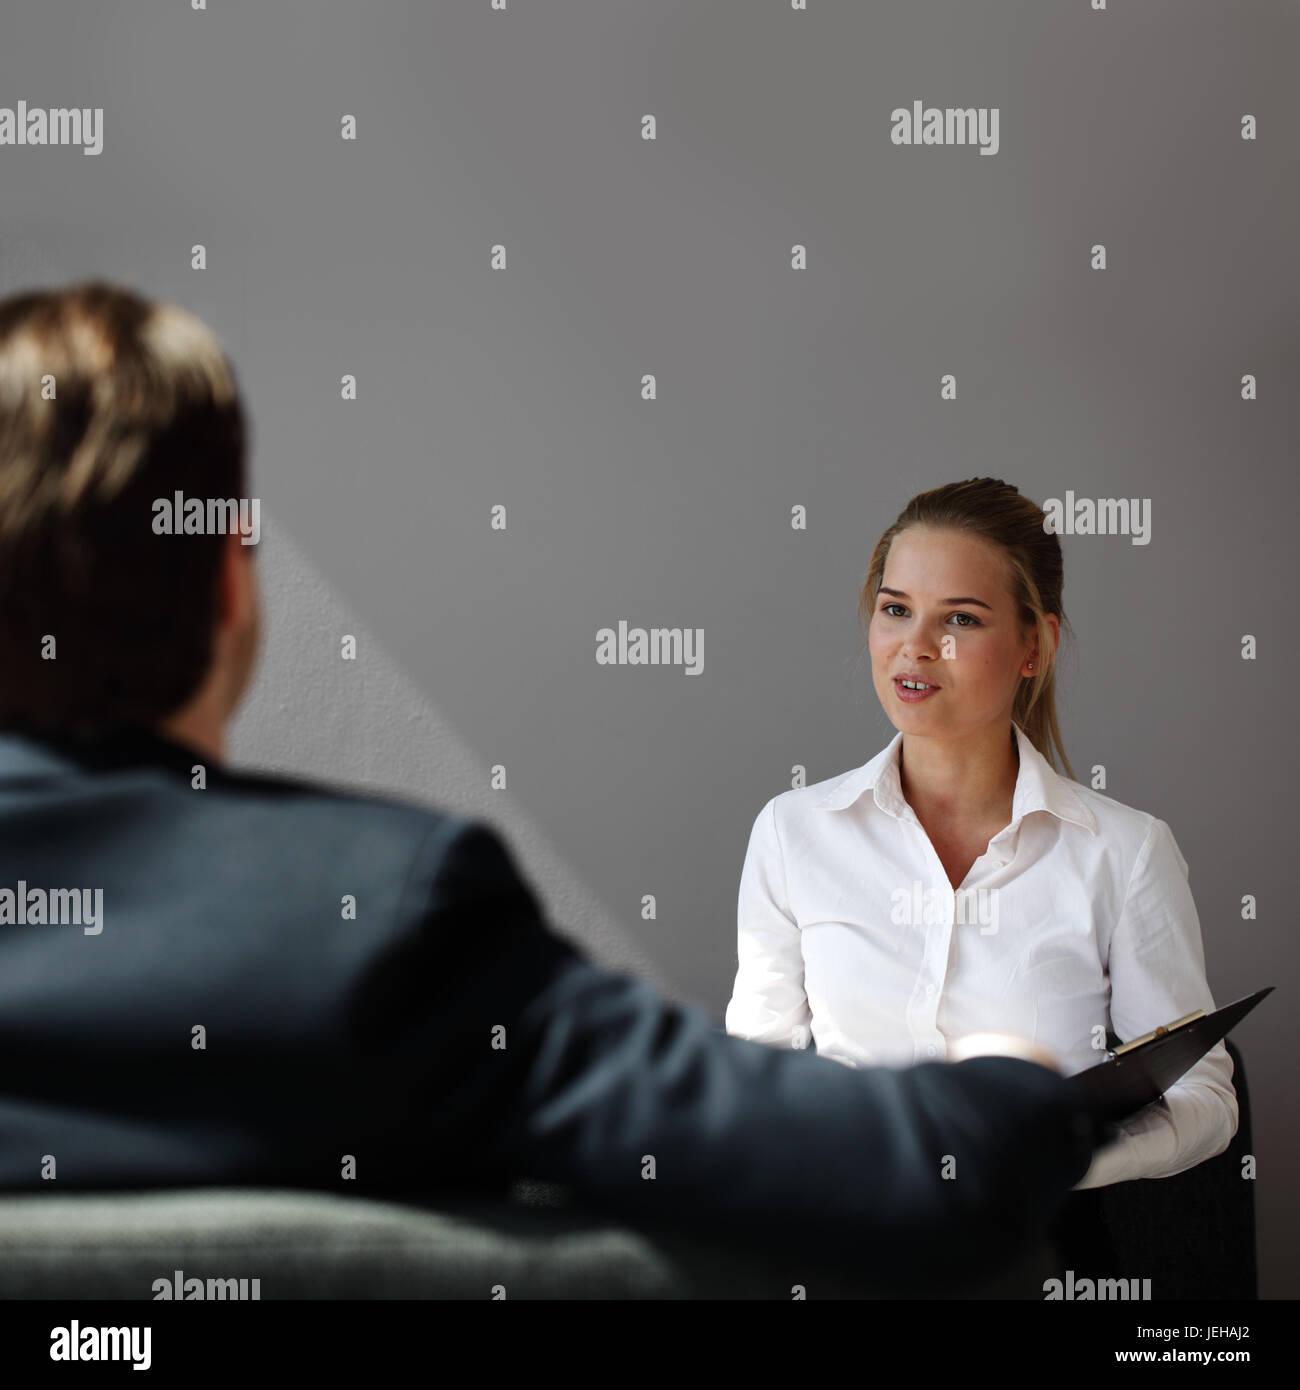 Lavoro intervista aziendali - imprenditore ascoltare le risposte dei candidati Immagini Stock